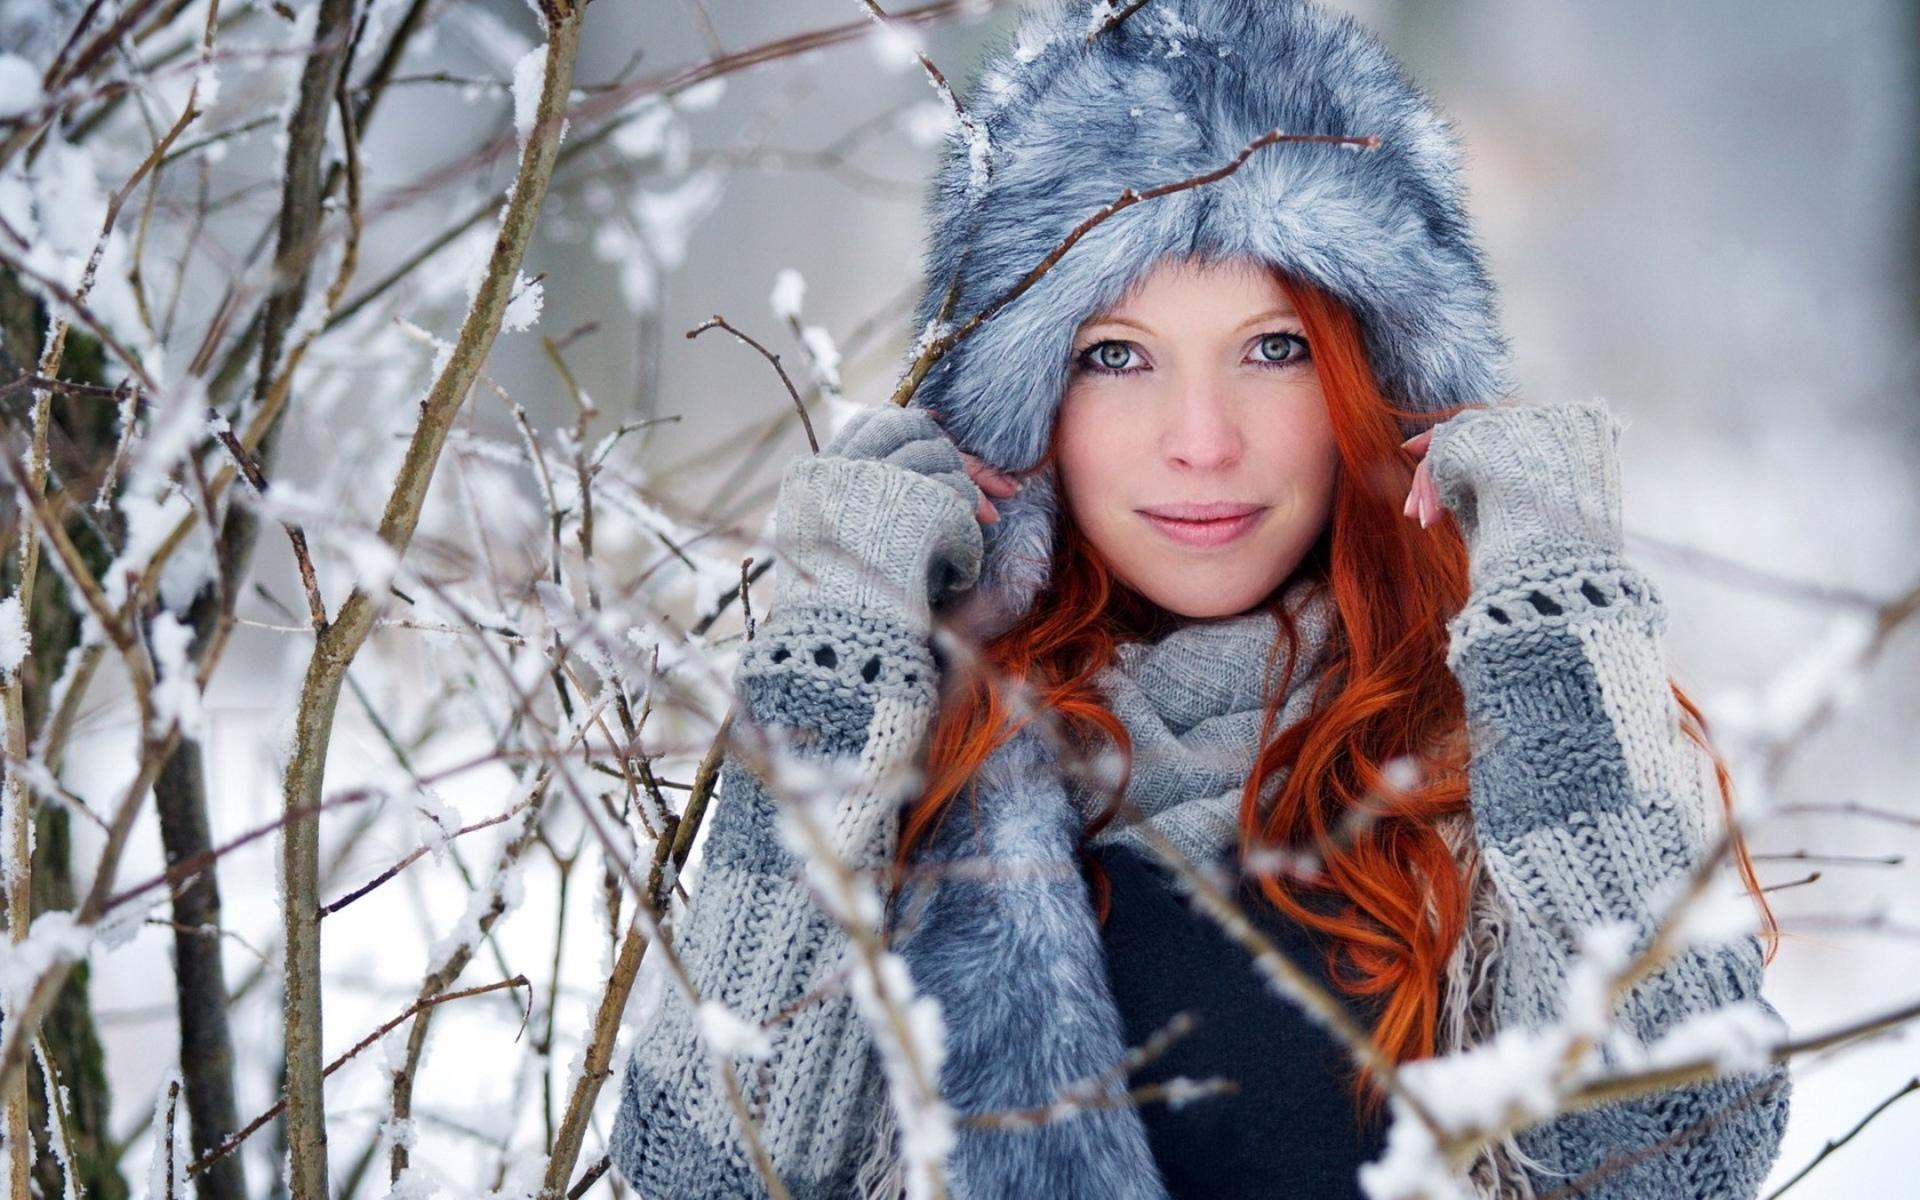 women females face eyes pov winter snow fashion glamour